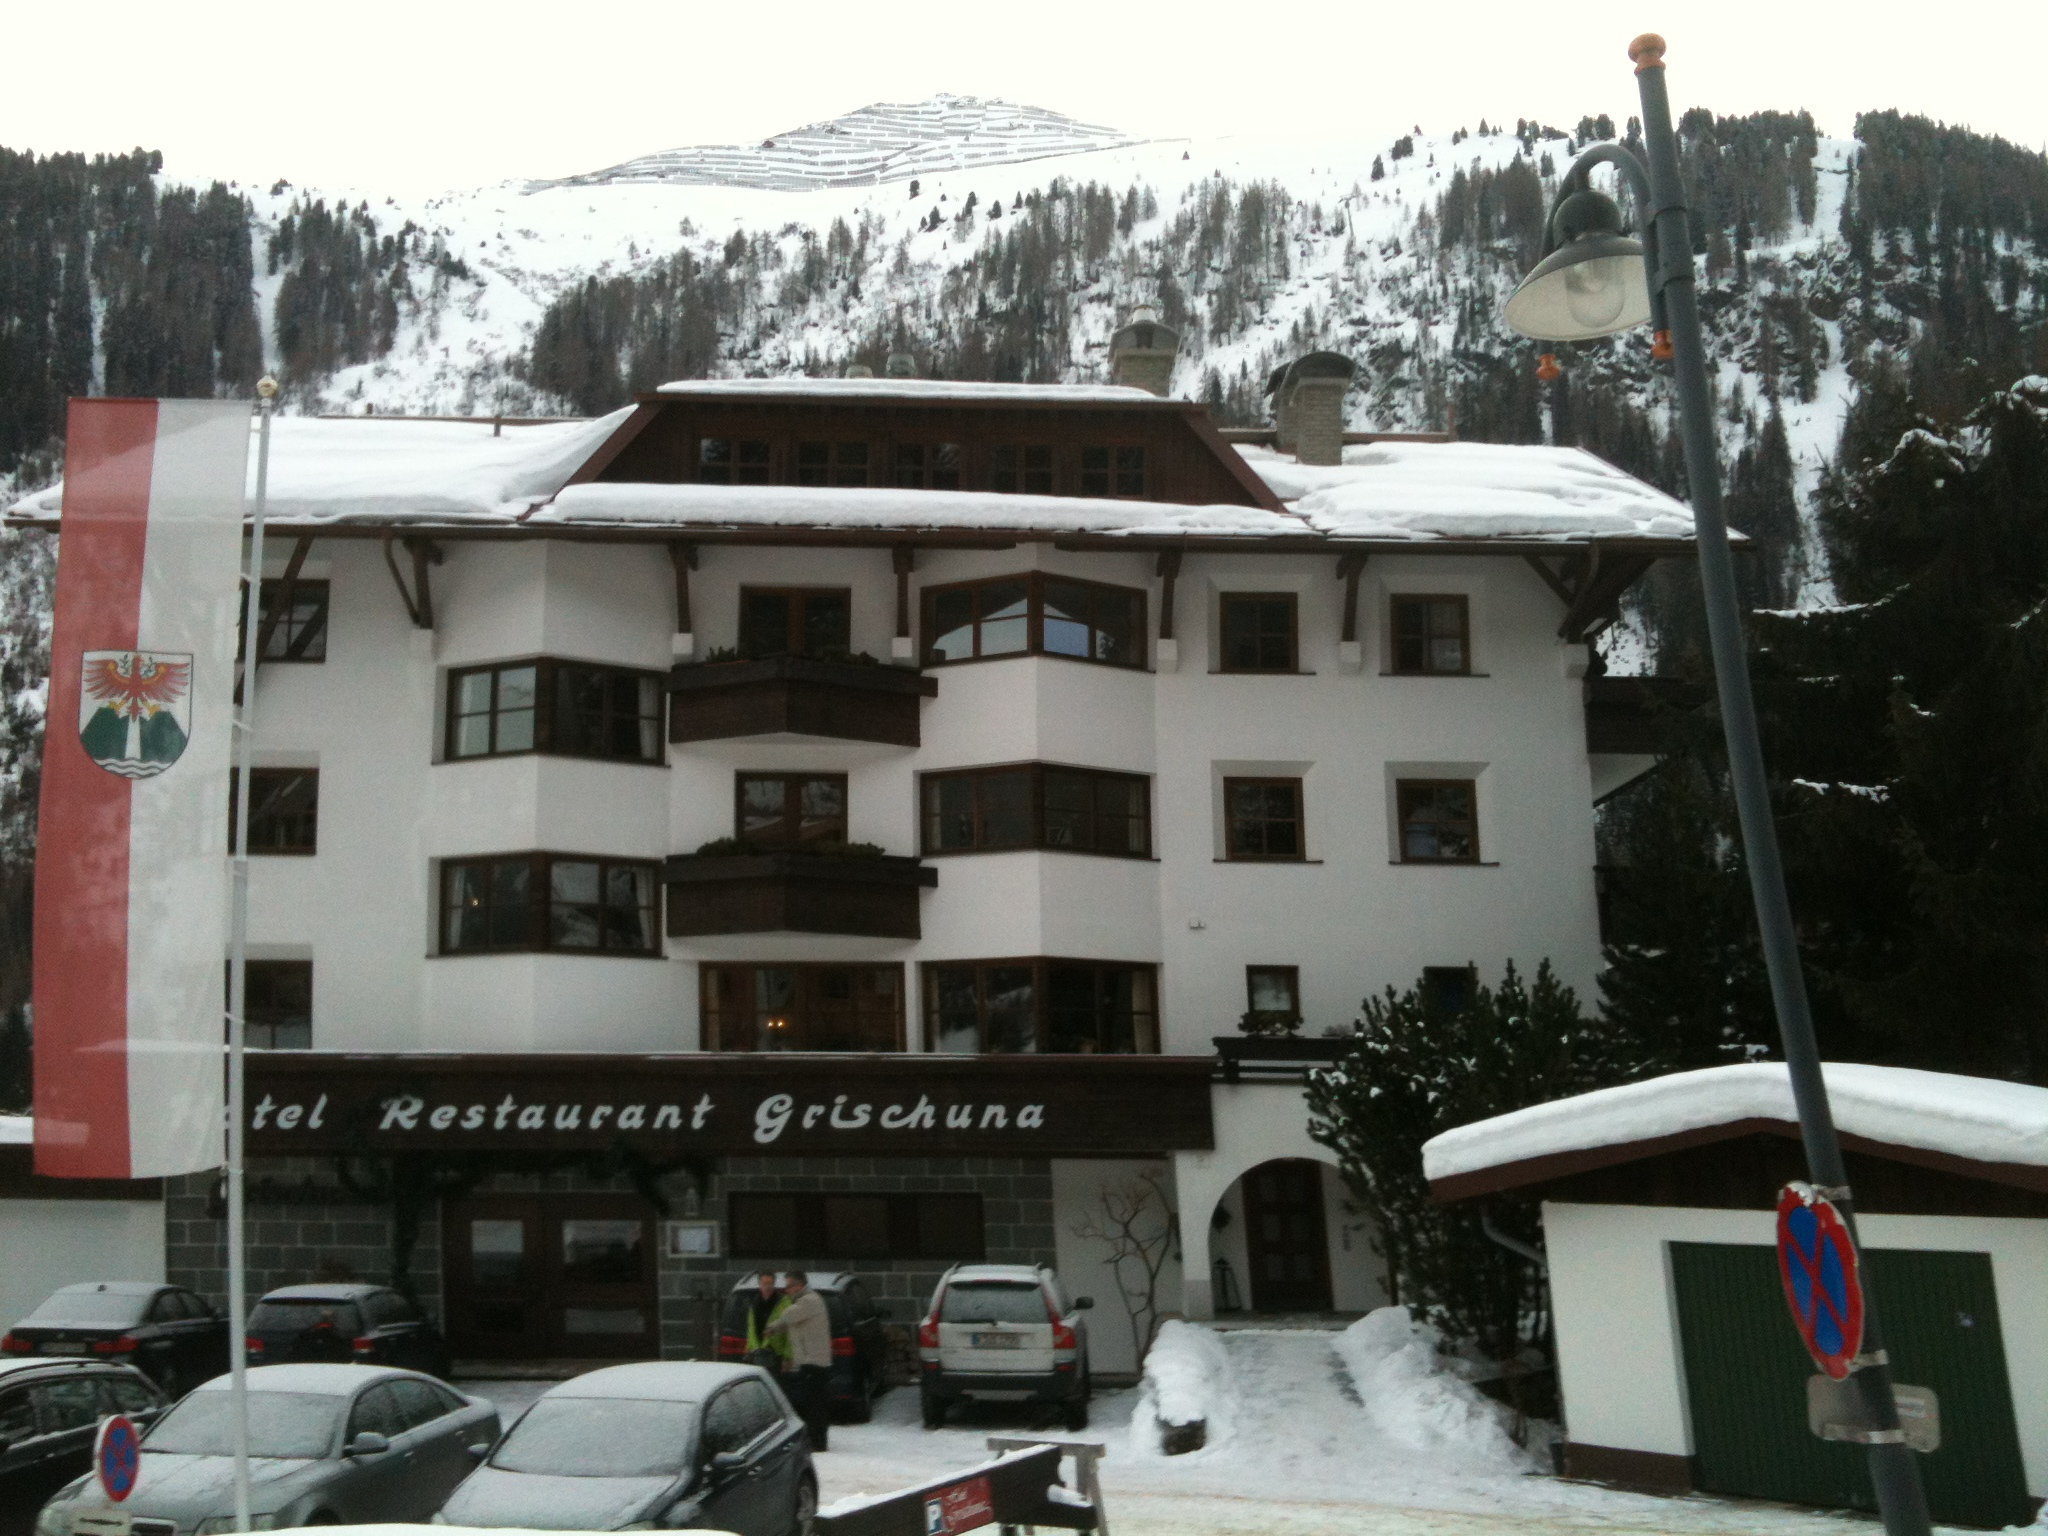 Hotel Post Ischgl Restaurant